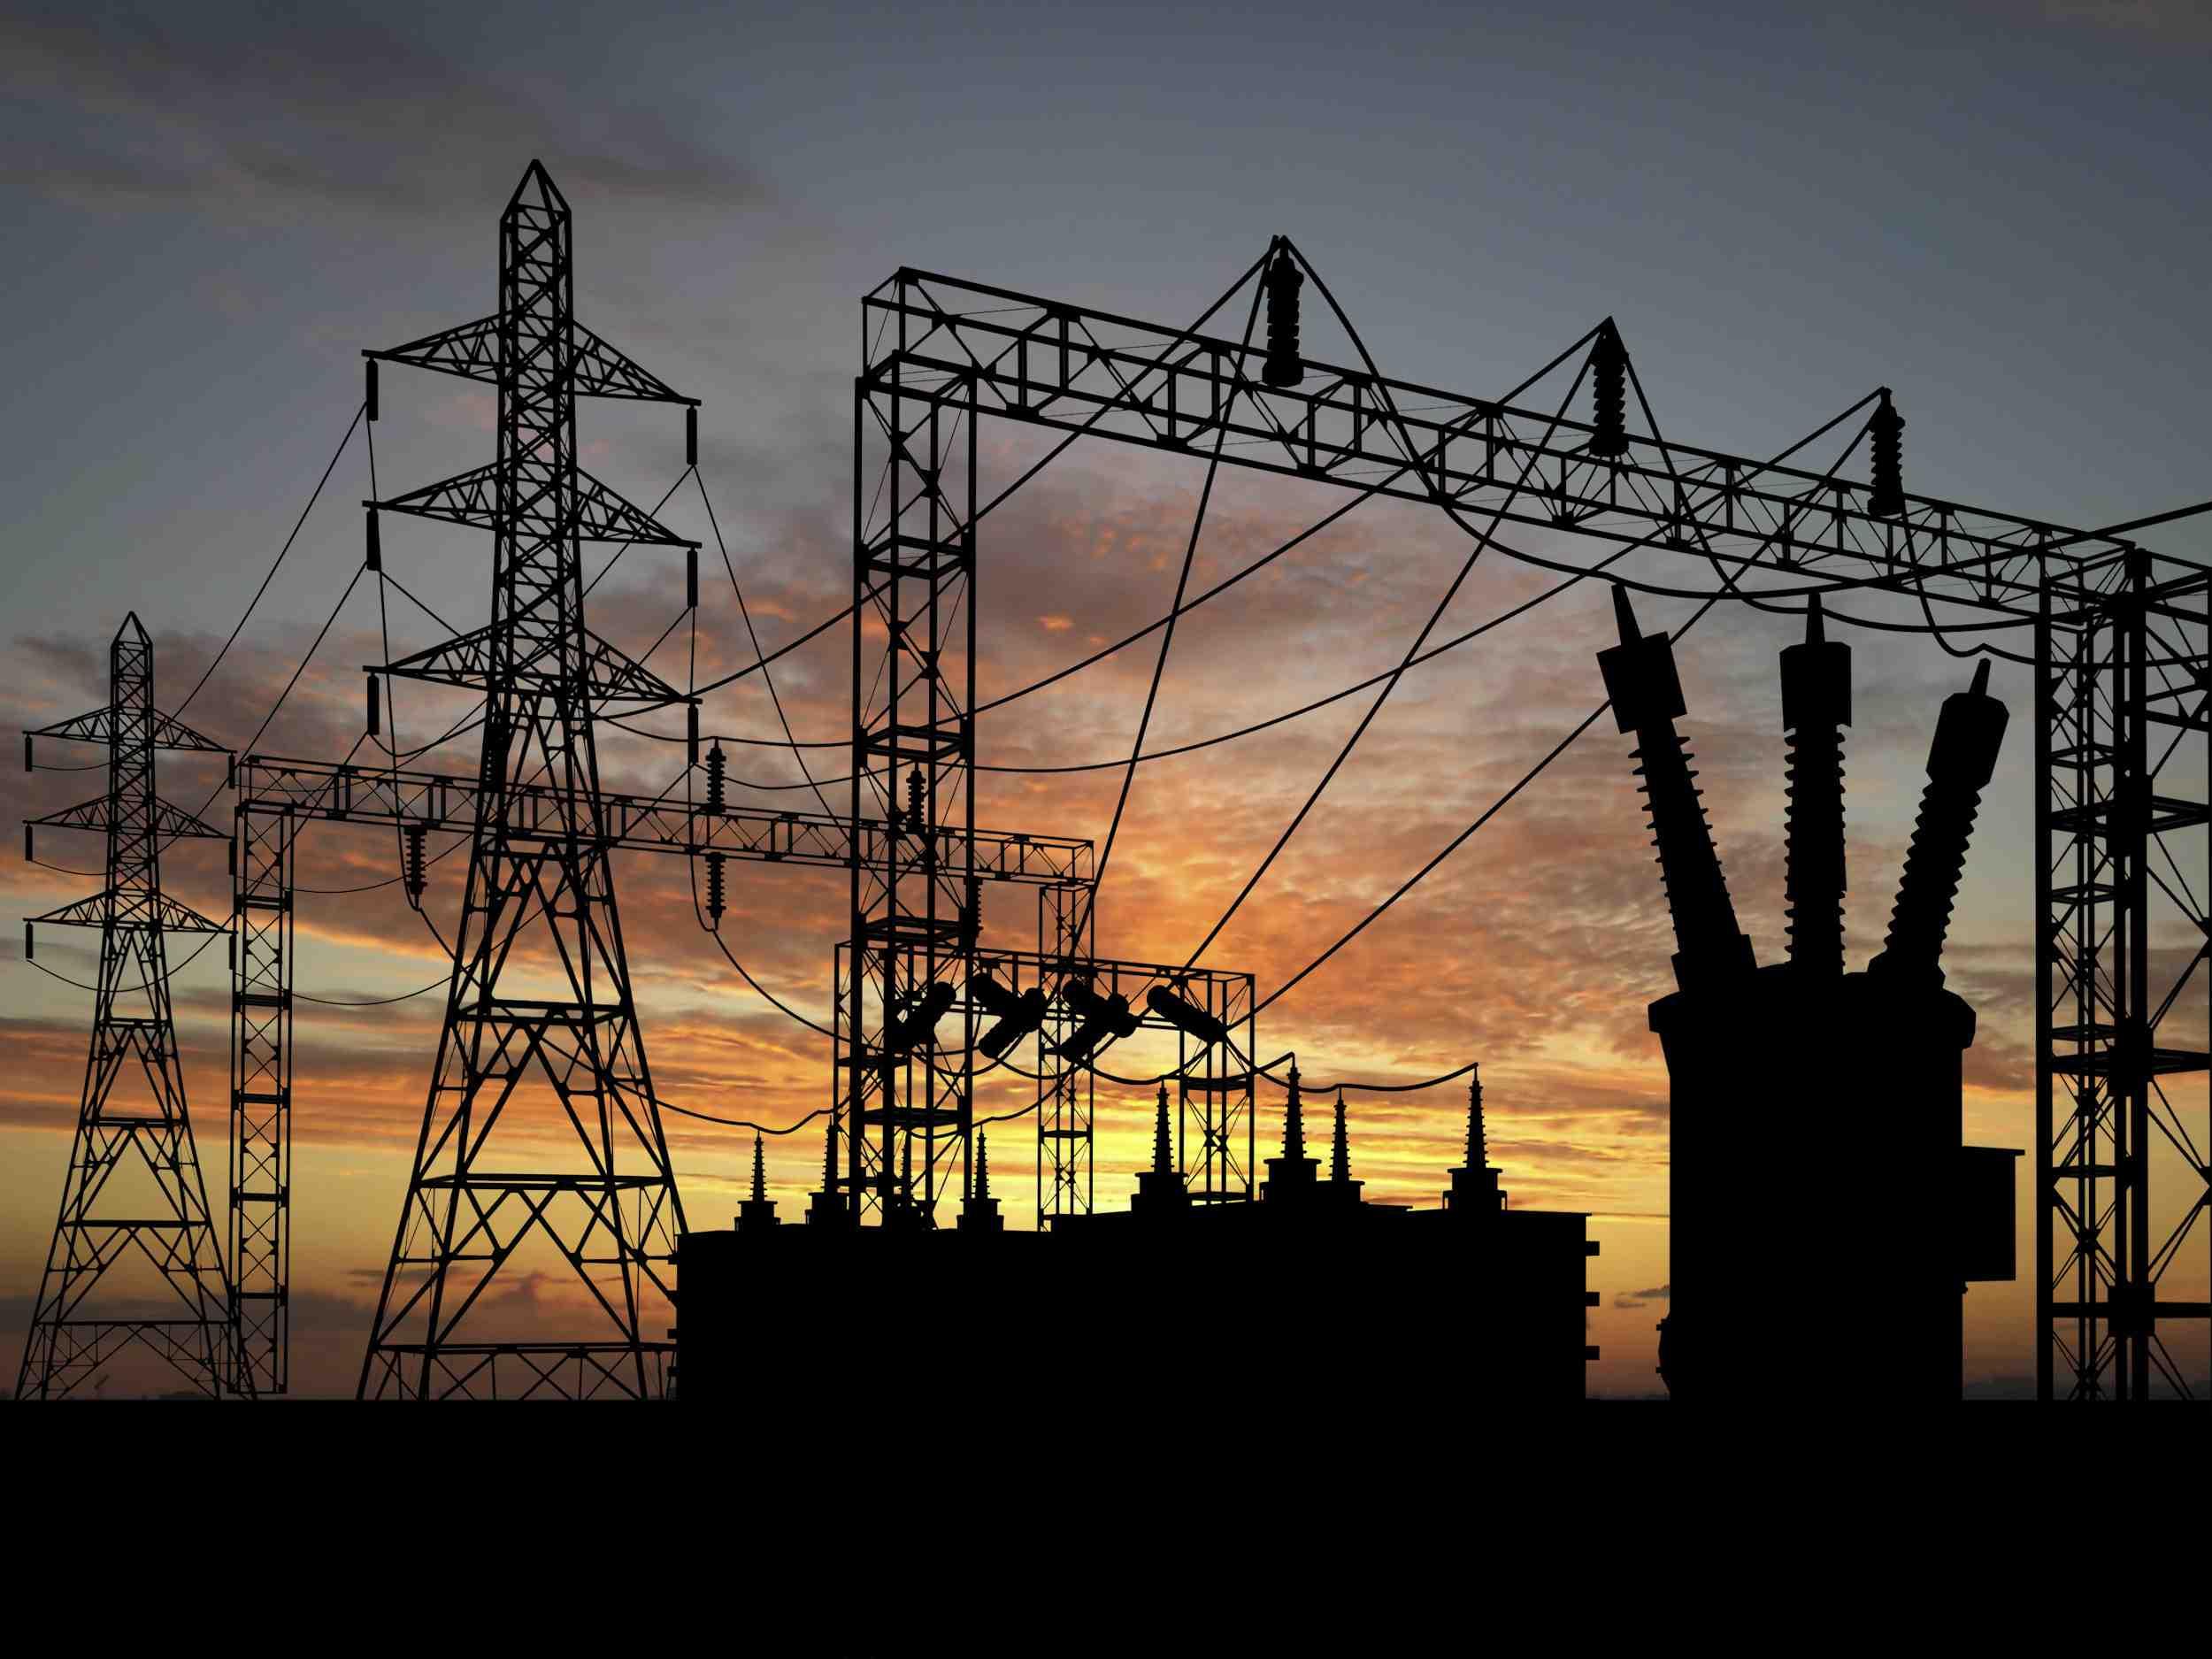 SON DAKİKA   Irakta elektrik santrallerine saldırı! Ölü ve yaralılar var